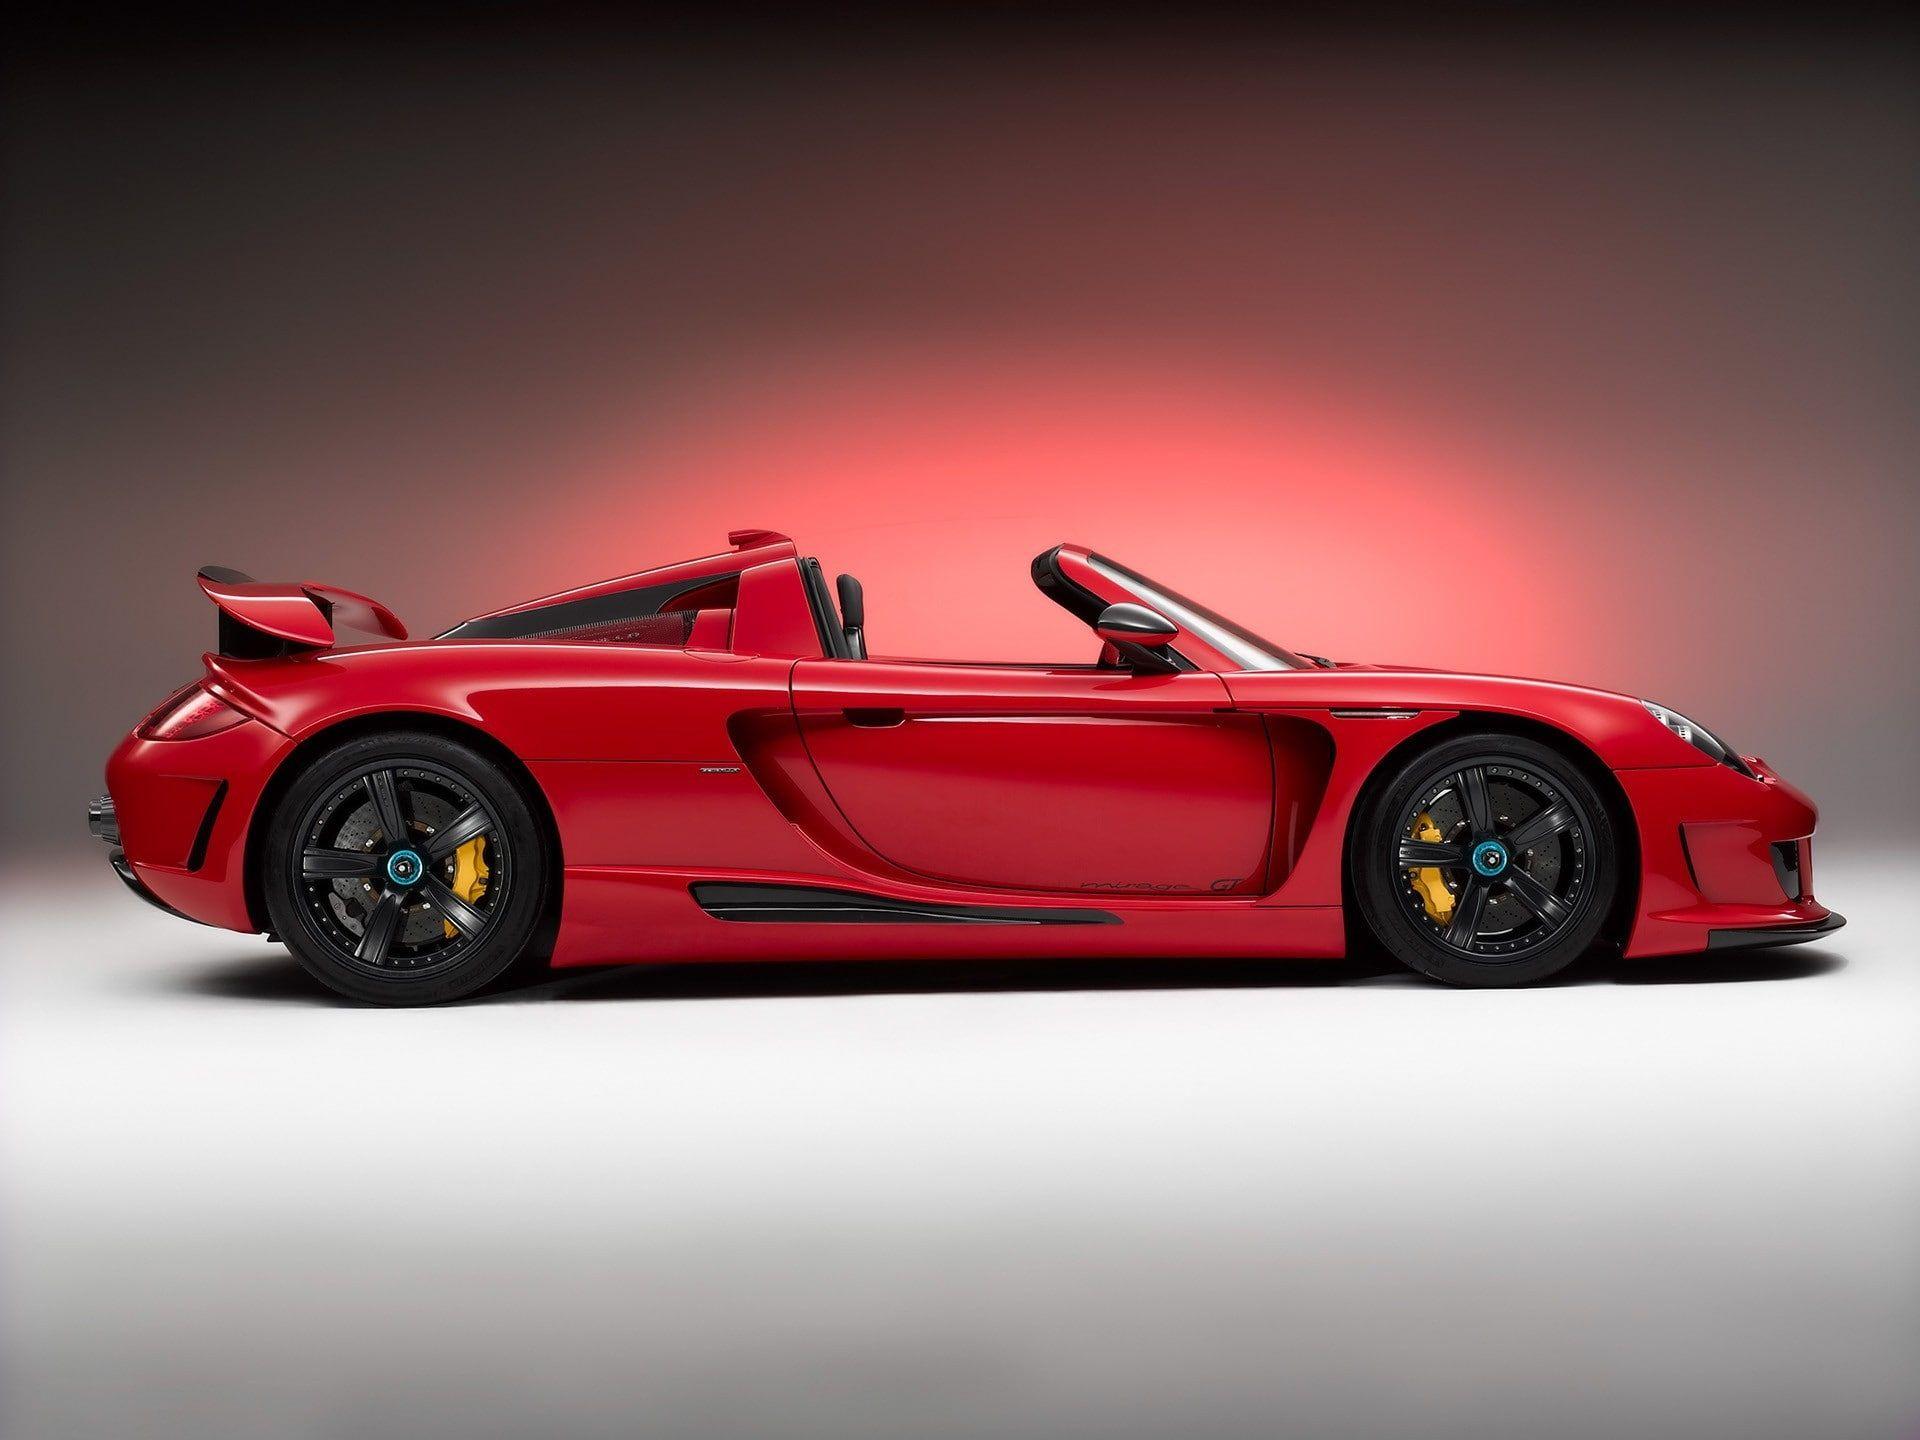 Car Carrera Gt Porsche Carrera Gt Porsche Vehicle Red Cars